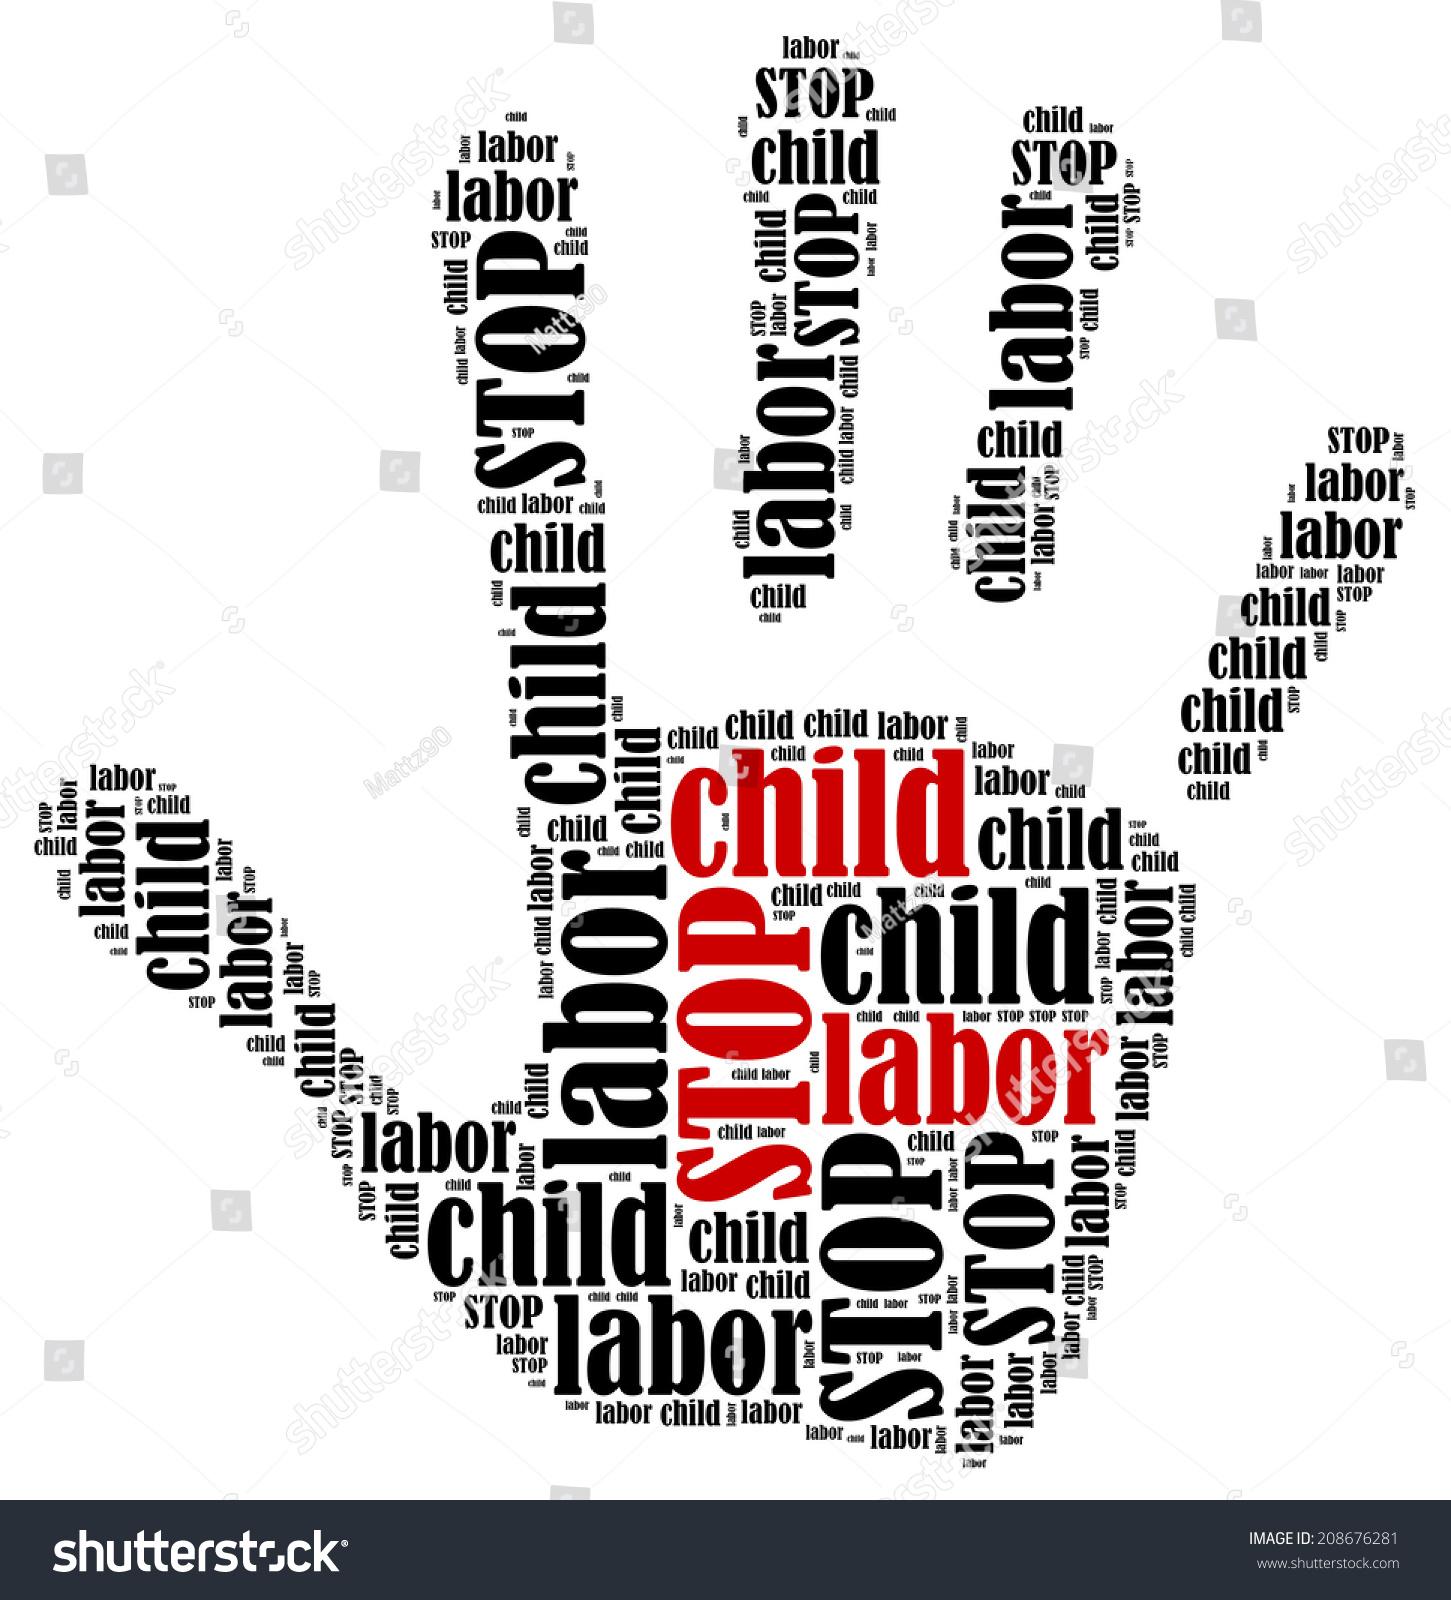 Stop child labour essay